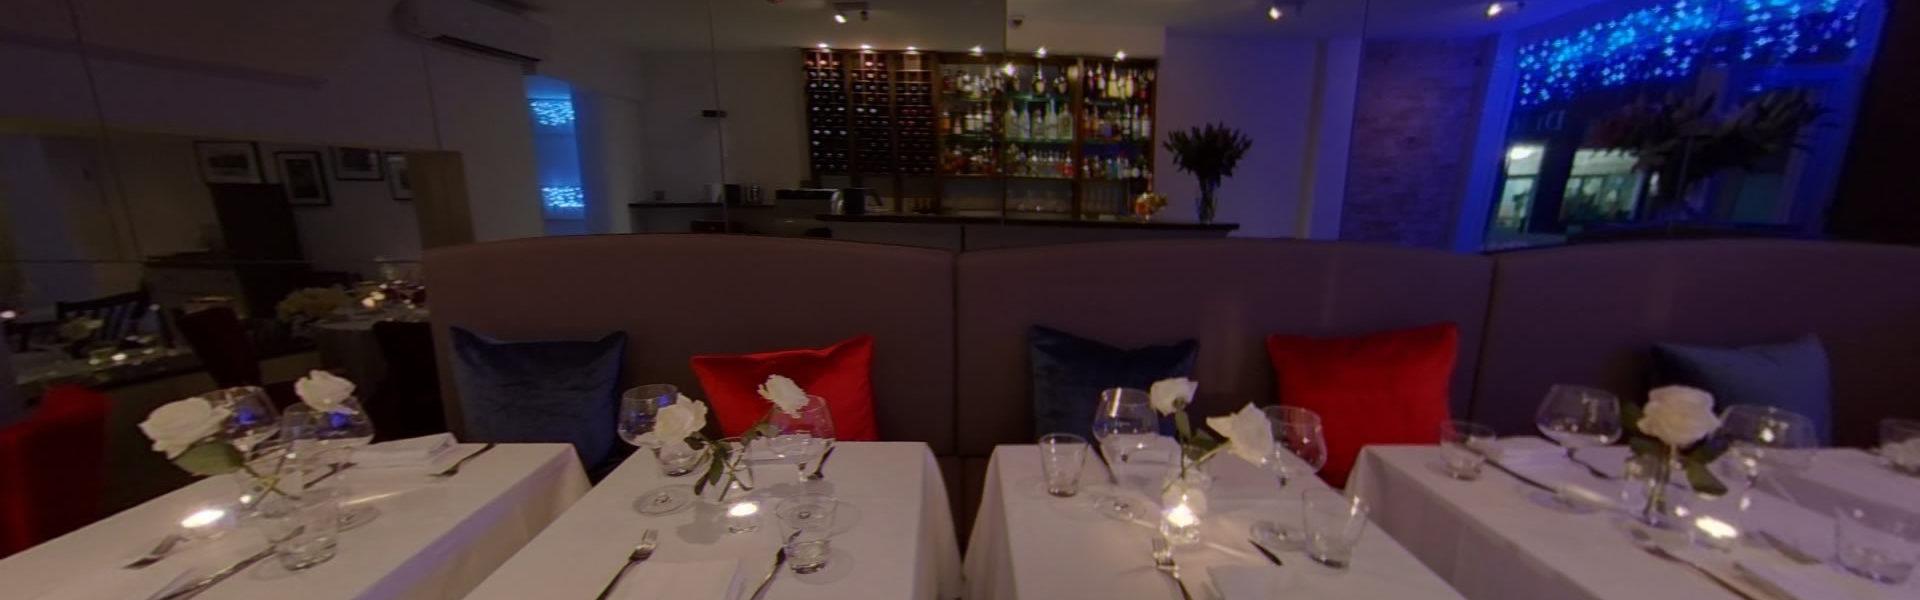 http://www.timebulletin.com/wp-content/uploads/2020/01/top-italian-restaurant.jpg